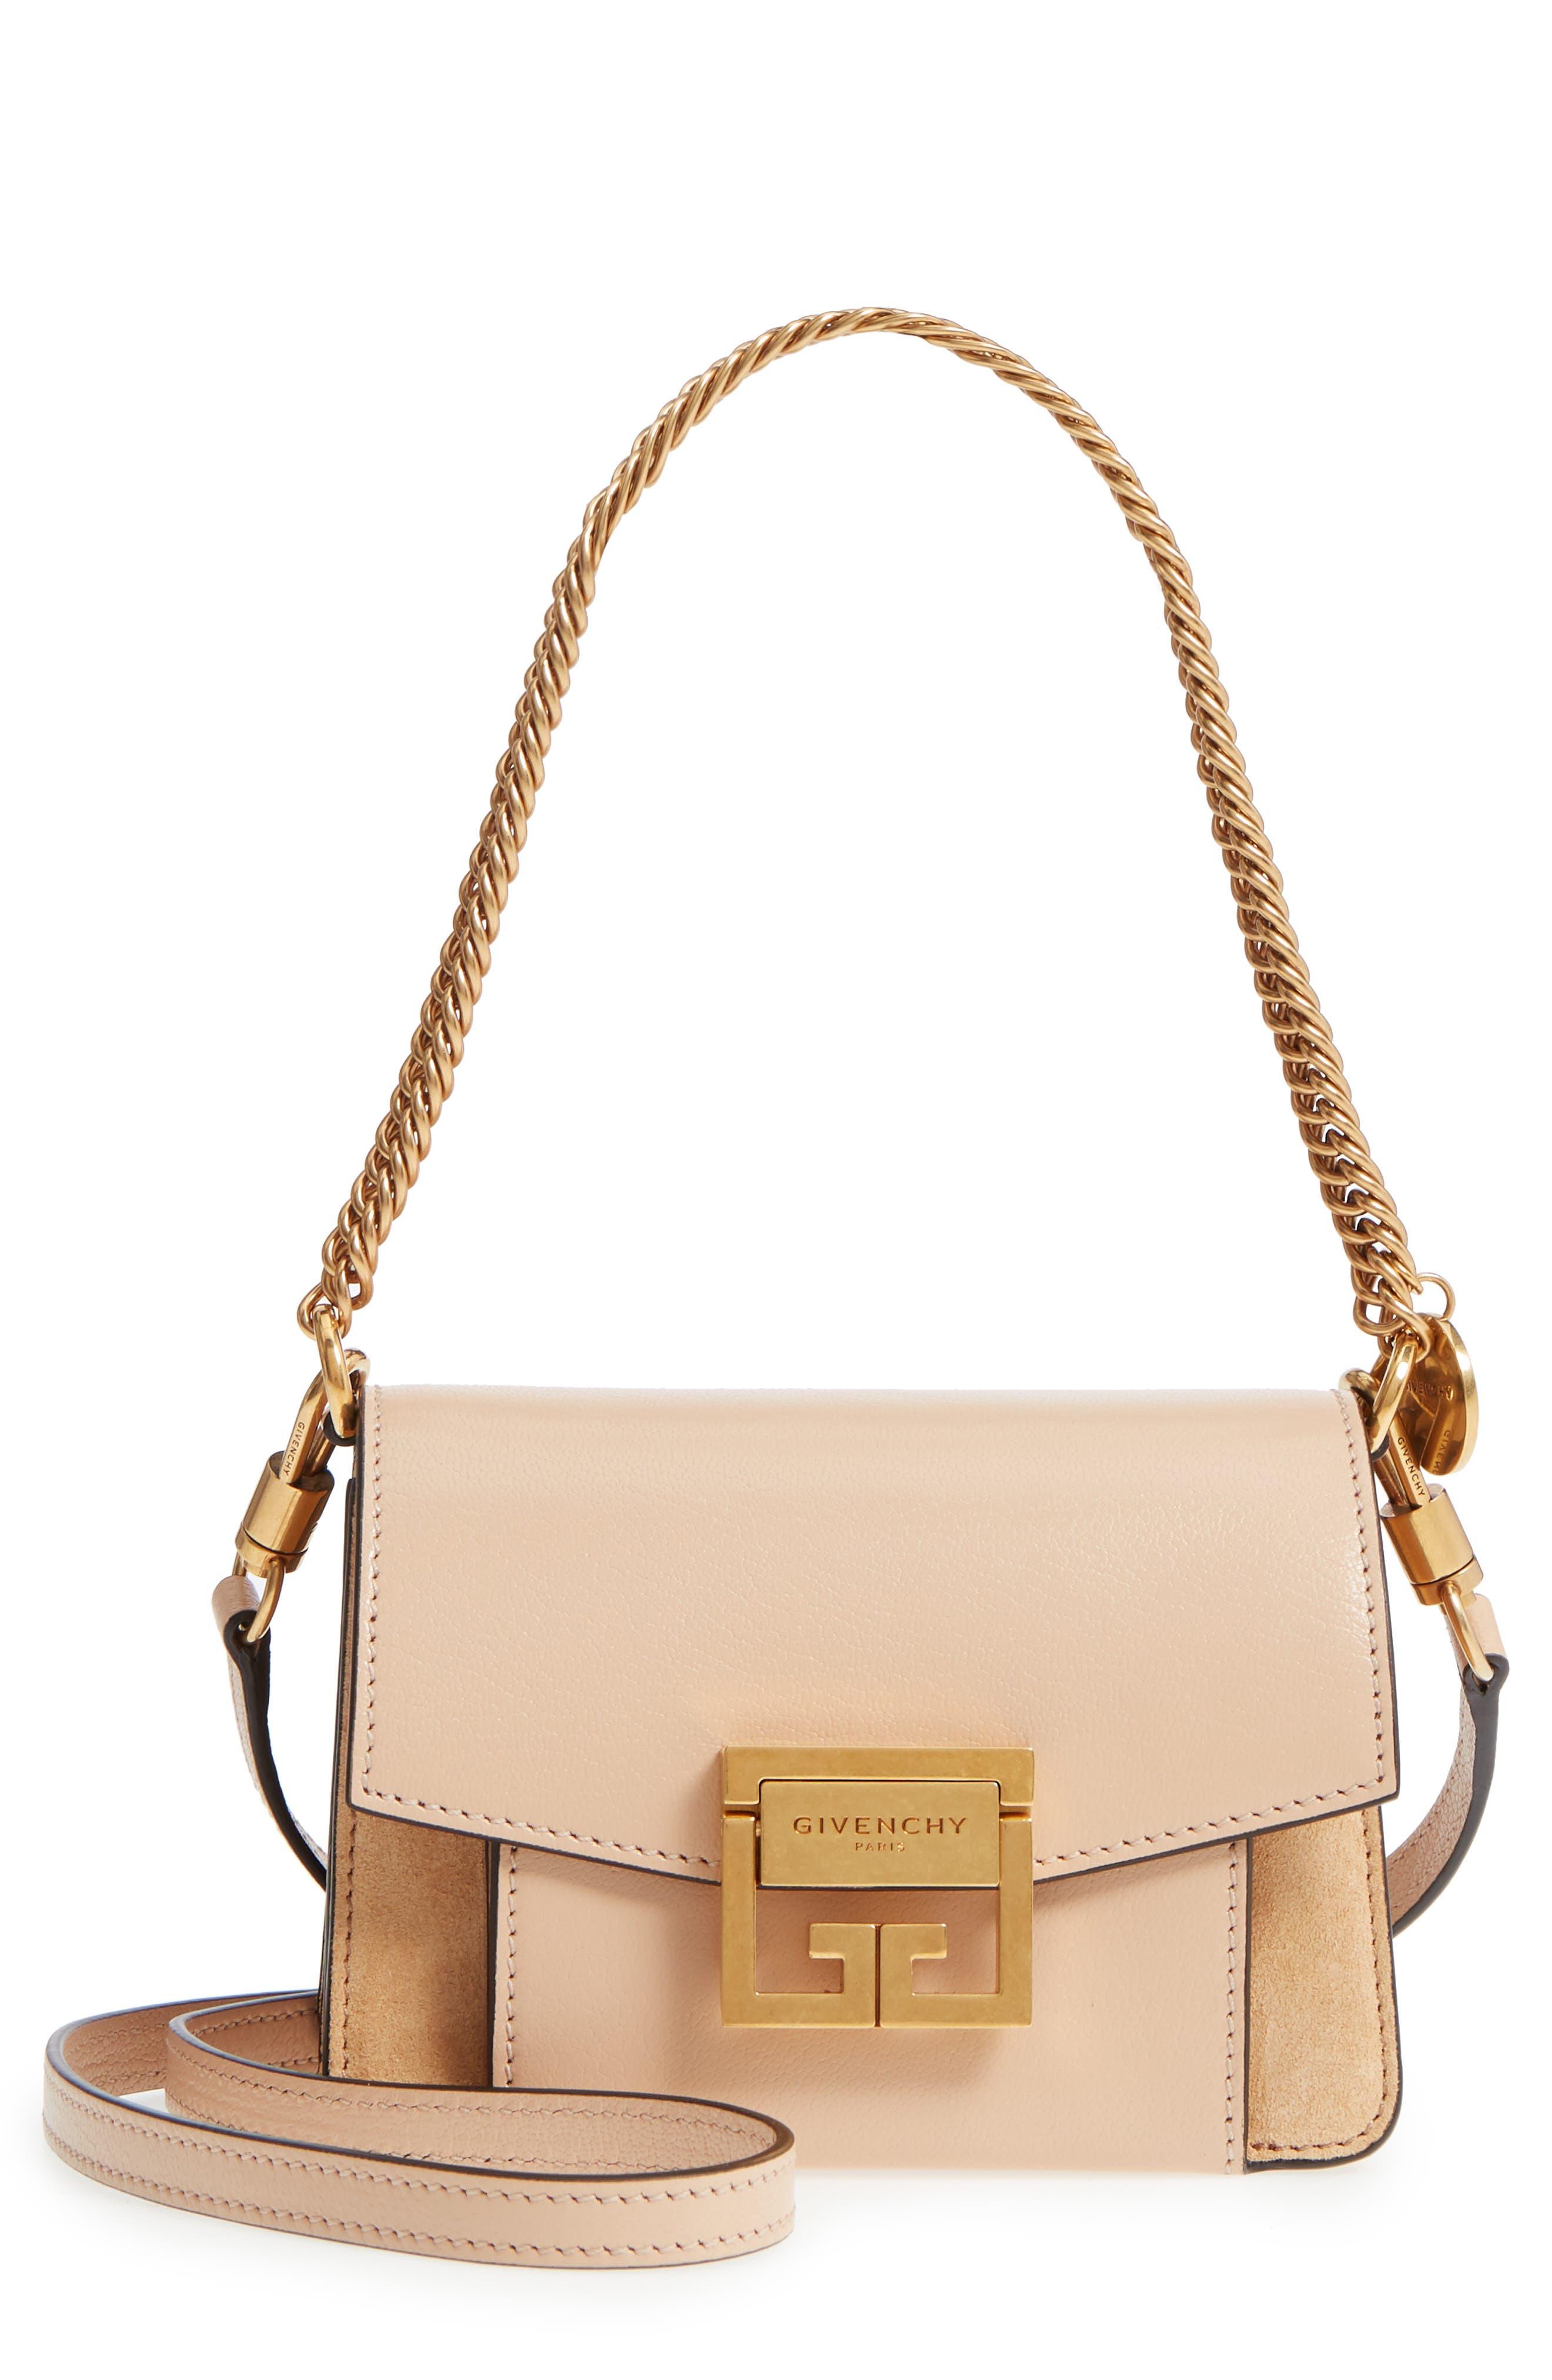 Mini GV3 Leather & Suede Crossbody Bag,                         Main,                         color, Nude/ Light Beige